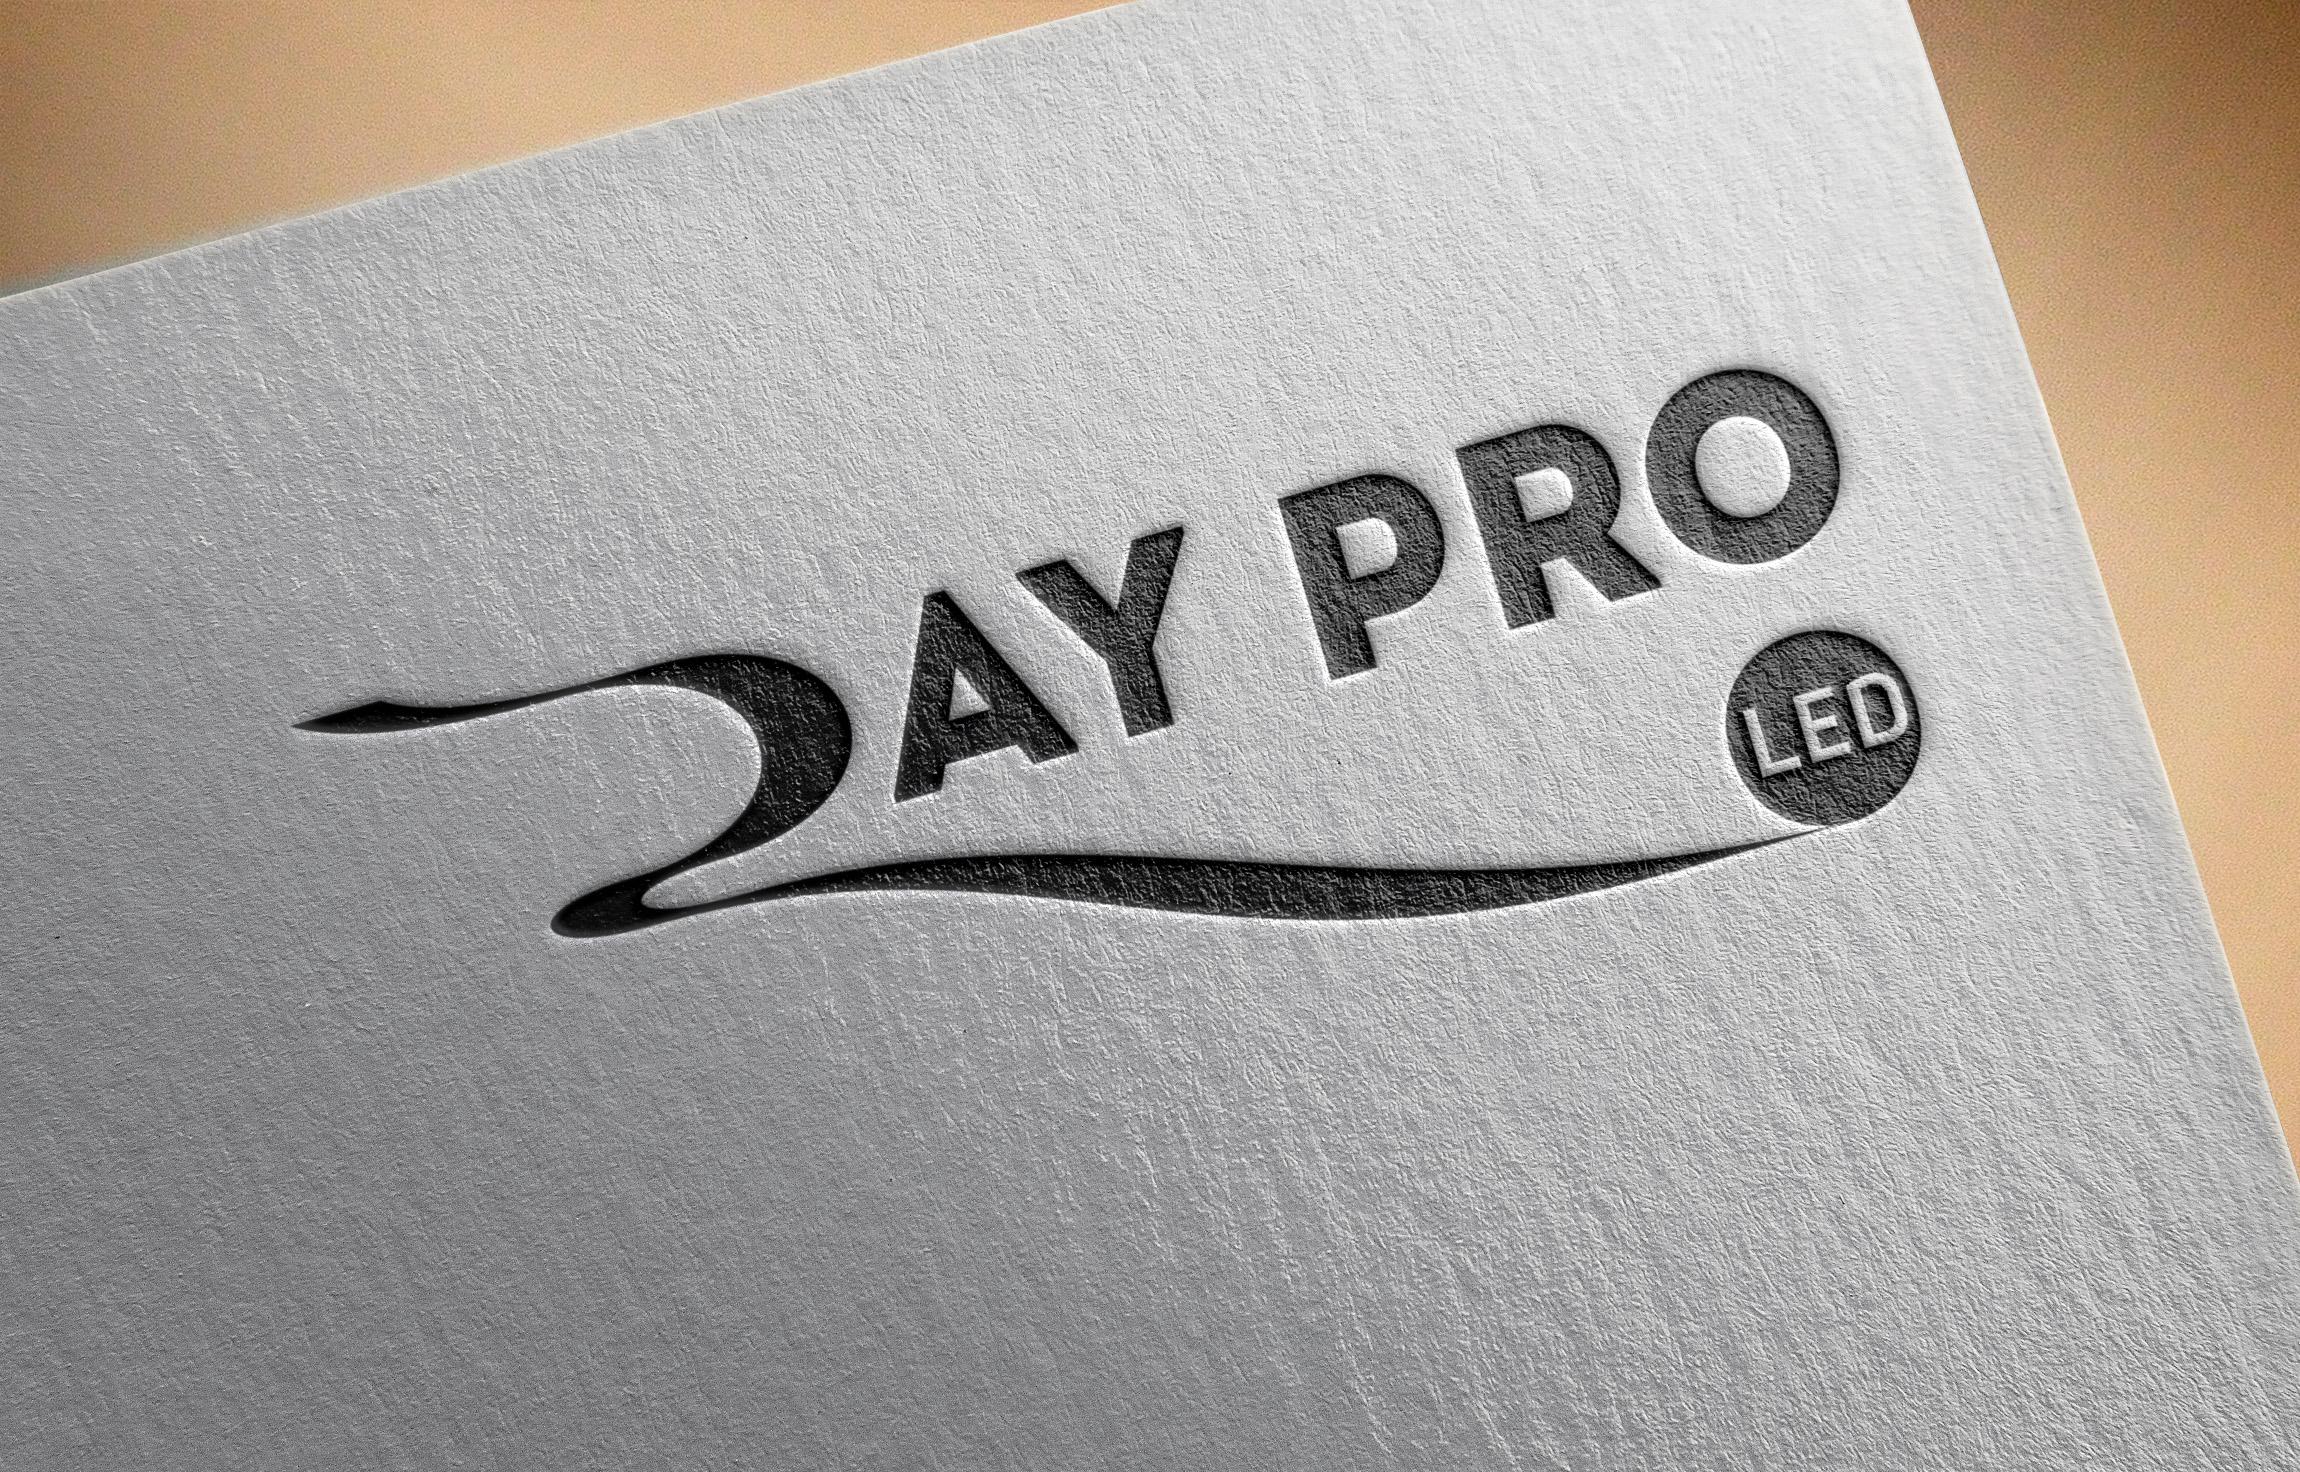 Разработка логотипа (продукт - светодиодная лента) фото f_2375bc073216ee5e.jpg